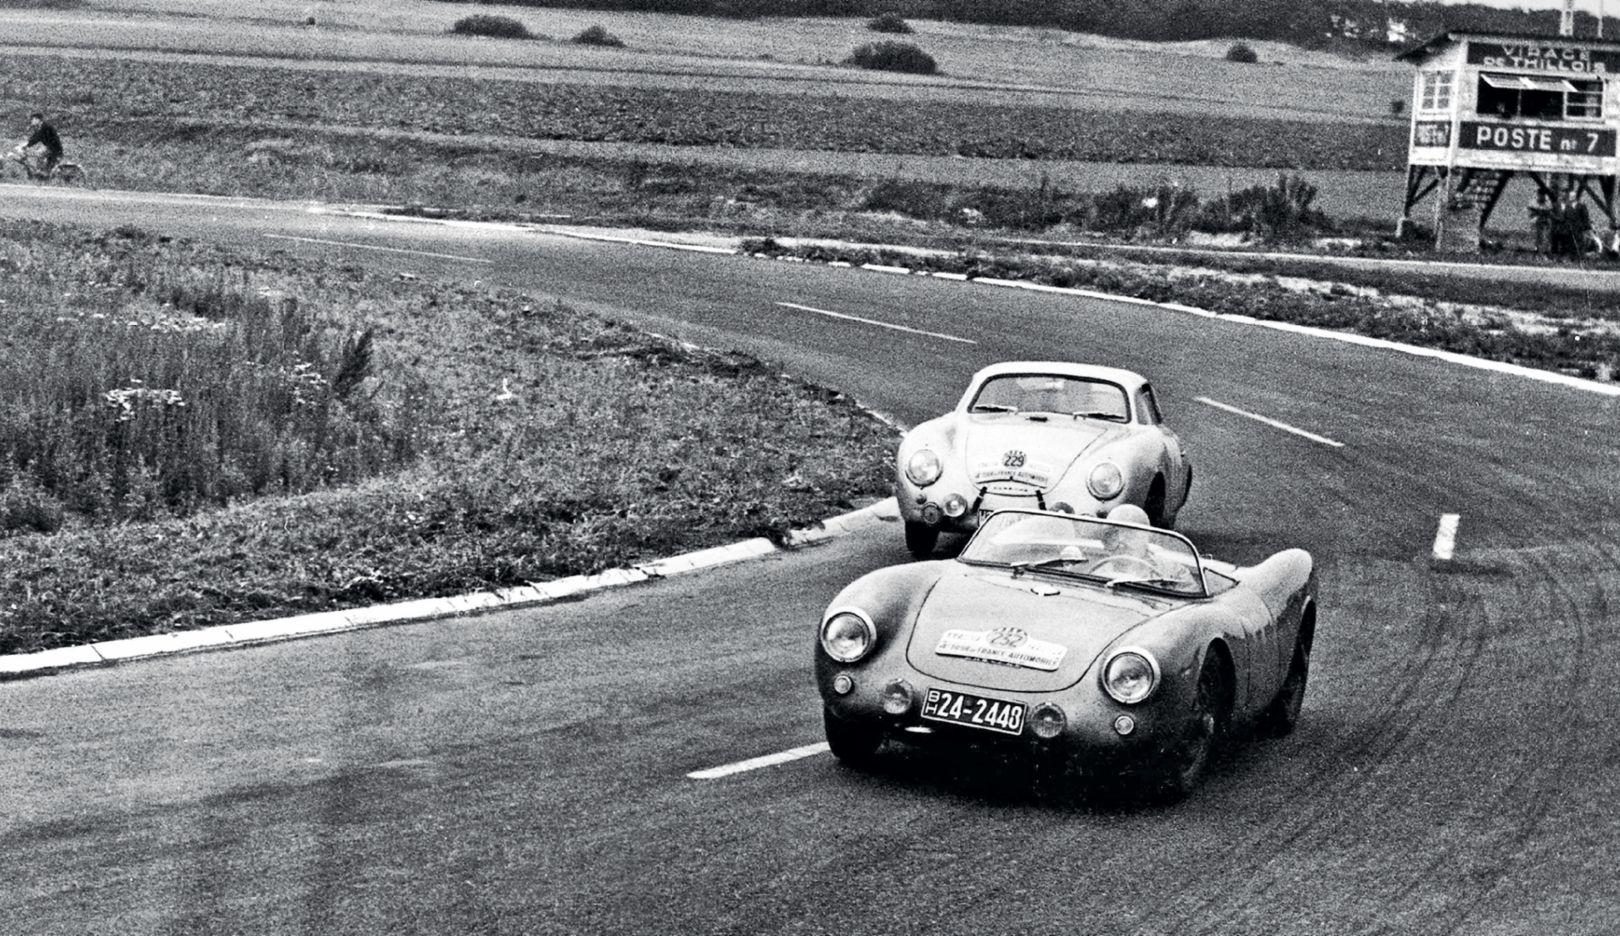 Annie Bousquet, Porsche 550 Spyder, Tour de France, 1954, Porsche AG